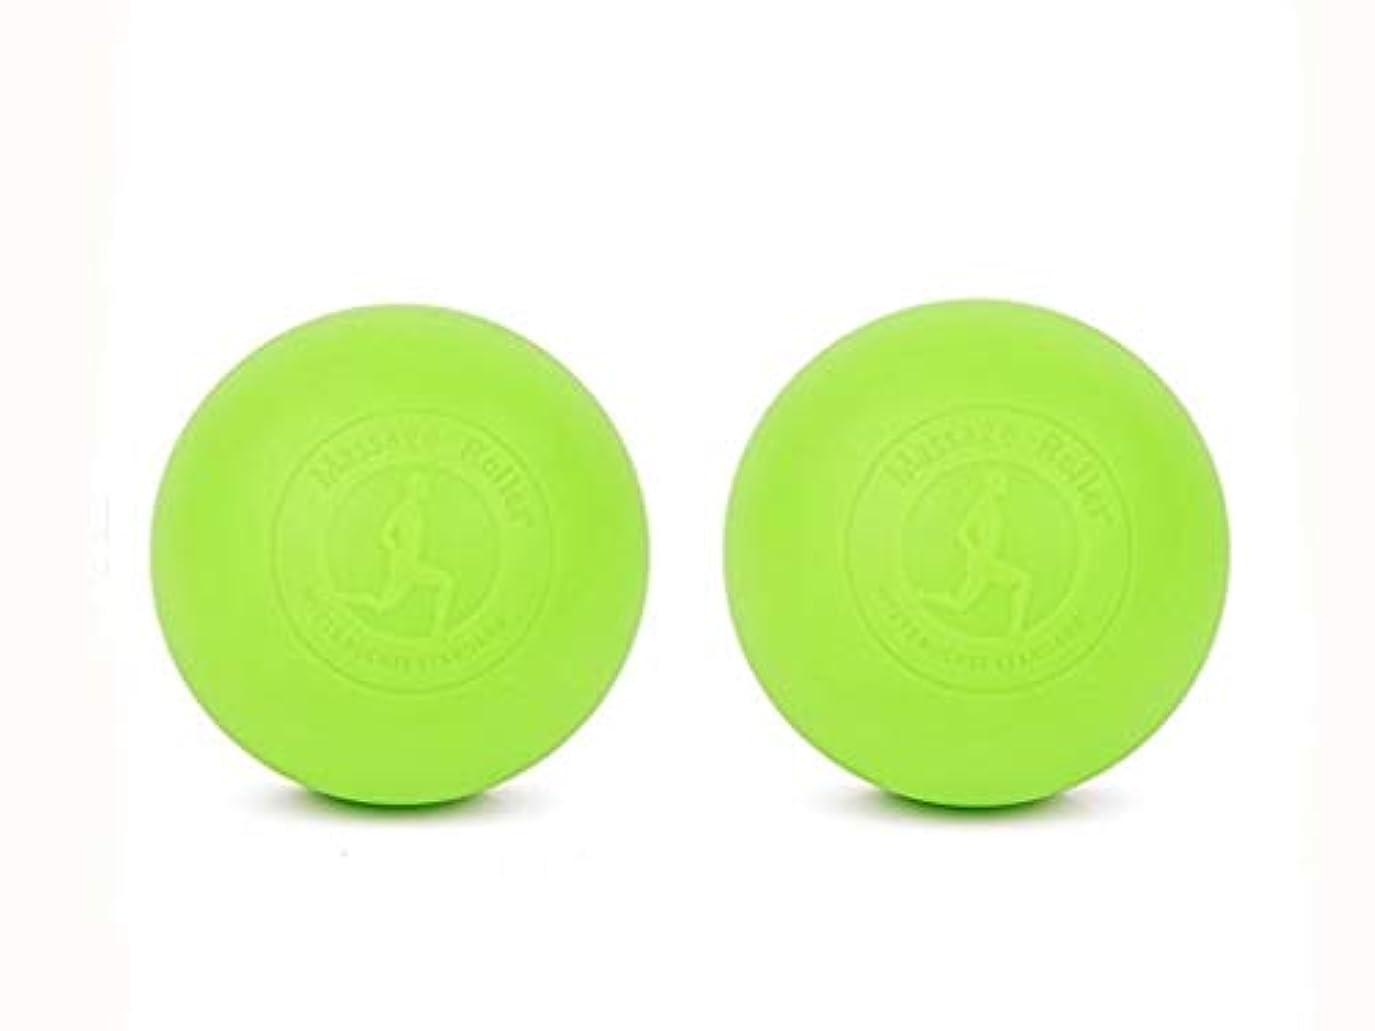 機関車クロニクル期待するONNSERR 深い筋肉のリラクゼーションマッサージボール トリガーポイント マッサージボール 指圧ボールマッスルマッサージボール、筋膜球 運動後に筋肉の痛みを和らげるのがよい